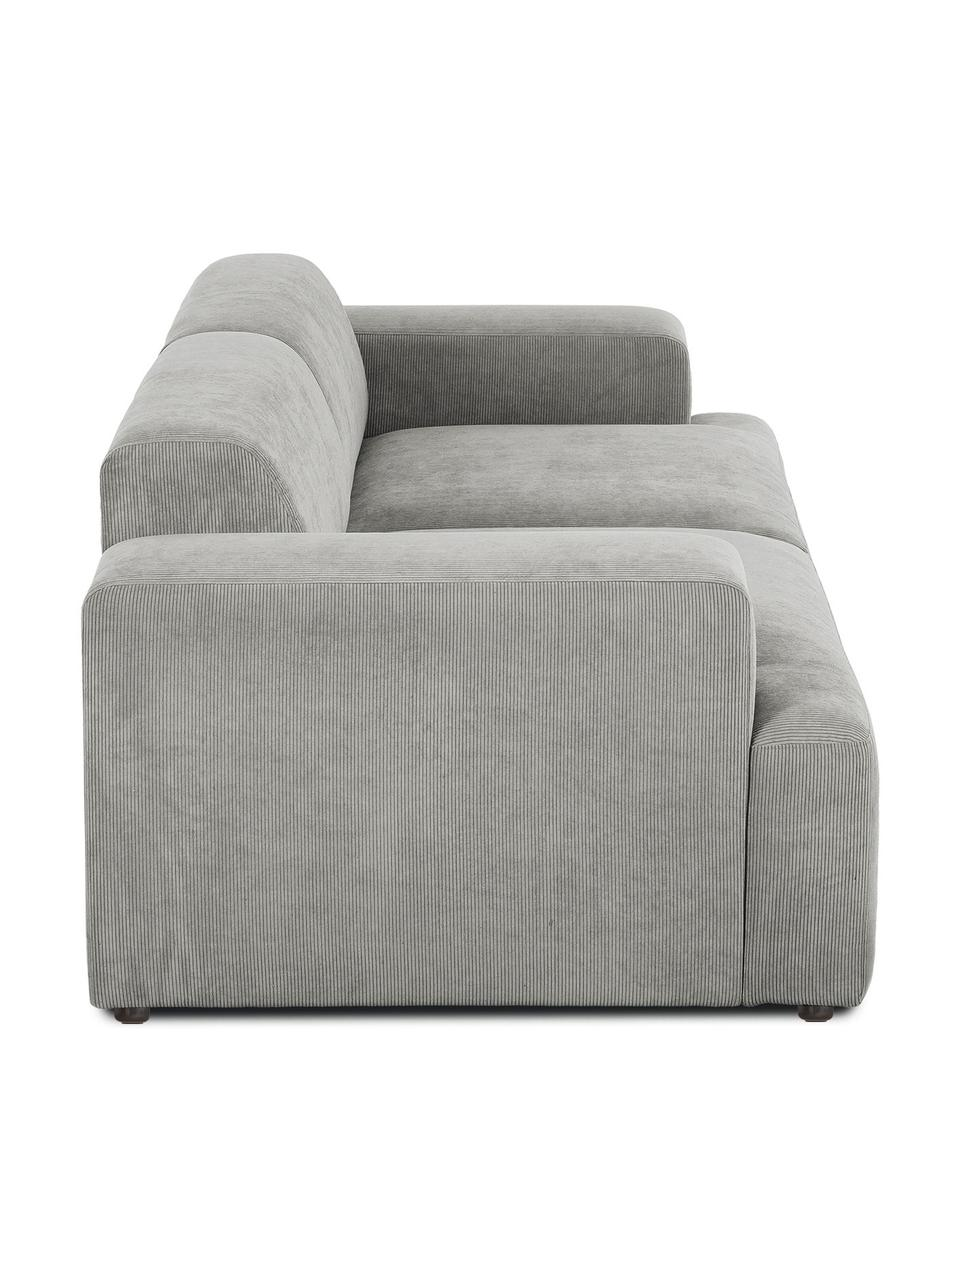 Sofa ze sztruksu Melva (3-osobowa), Tapicerka: sztruks (92% poliester, 8, Stelaż: lite drewno sosnowe, cert, Nogi: tworzywo sztuczne, Sztruksowy szary, S 238 x G 101 cm